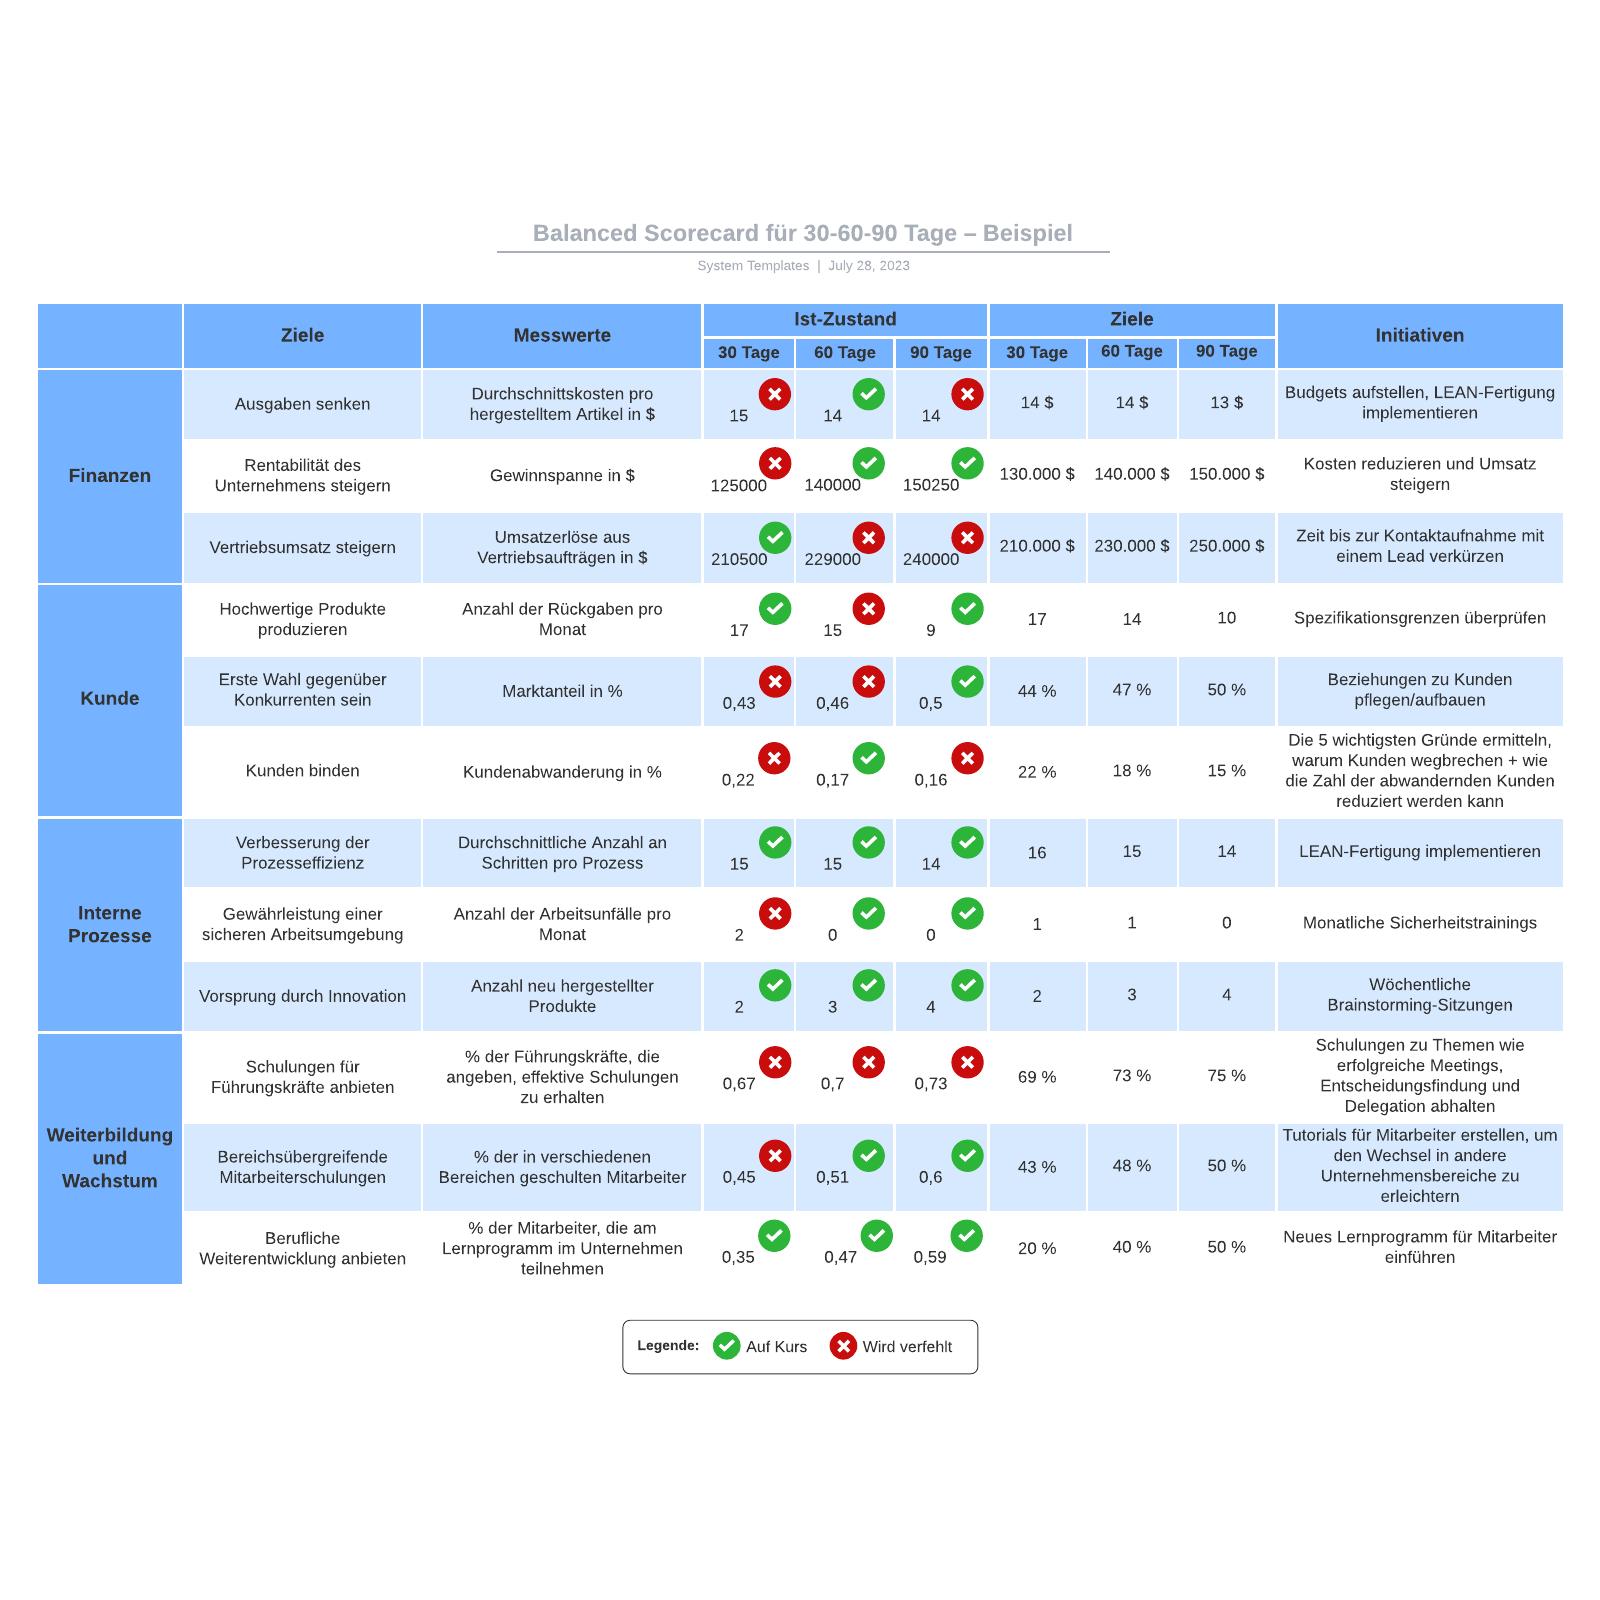 Balanced Scorecard Beispiel für 30-60-90Tage